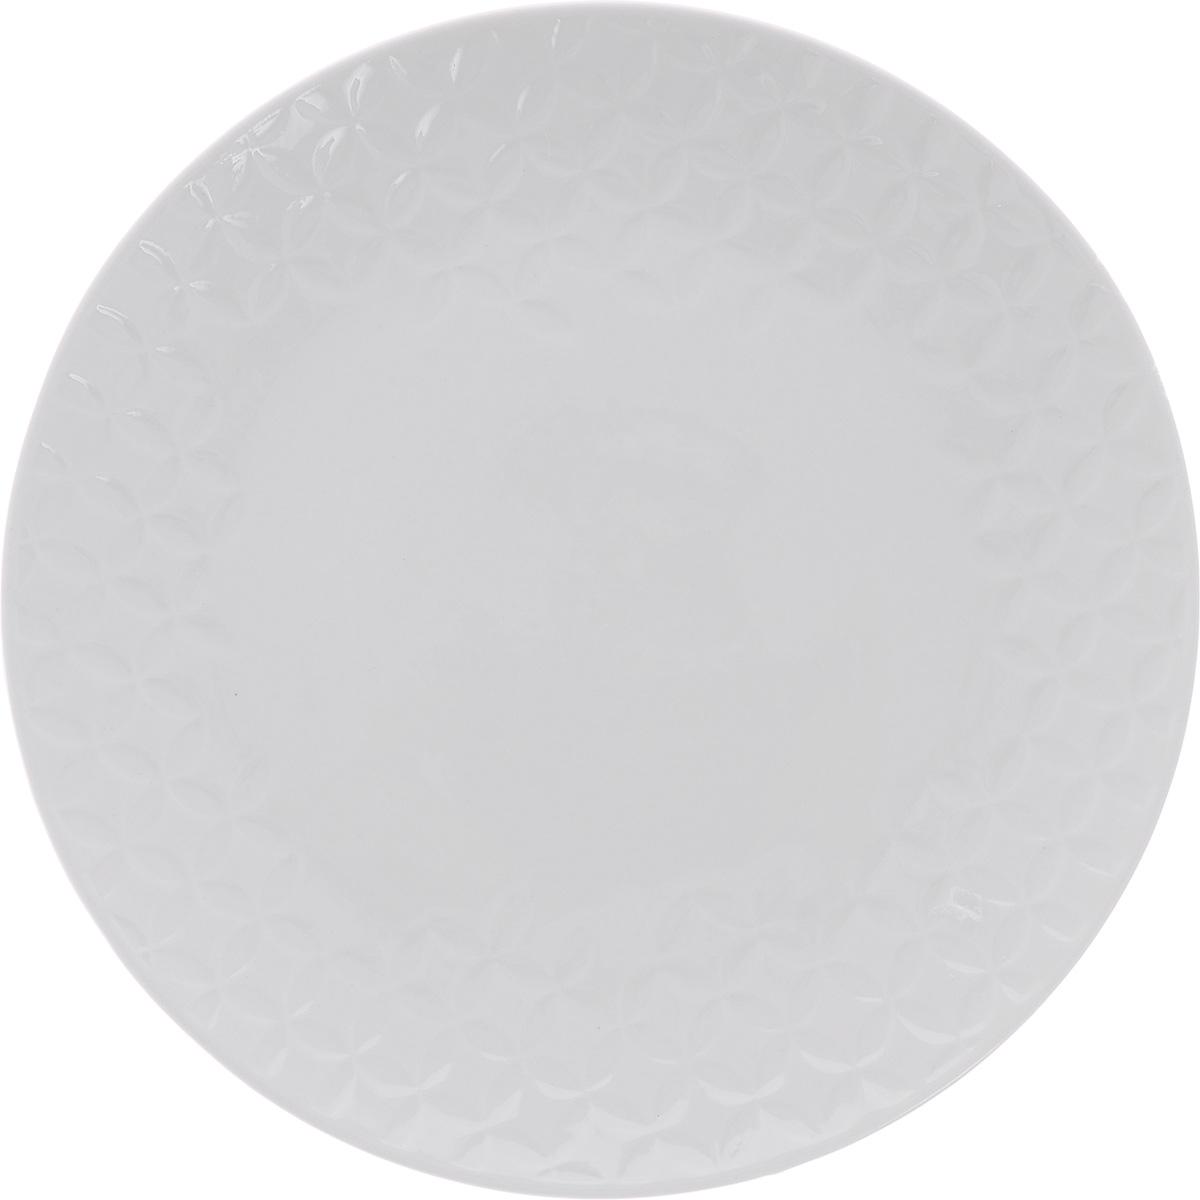 Тарелка десертная Walmer Quincy, цвет: белый, диаметр 21 смW07530021Десертная тарелка Walmer Quincy выполнена из высококачественного фарфора. Изящный дизайн придется по вкусу и ценителям классики, и тем, кто предпочитает утонченность. Тарелка Walmer Quincy, идеально подойдет для сервировки стола и станет отличным подарком к любому празднику.Можно использовать в микроволновой печи и мыть в посудомоечных машинах.